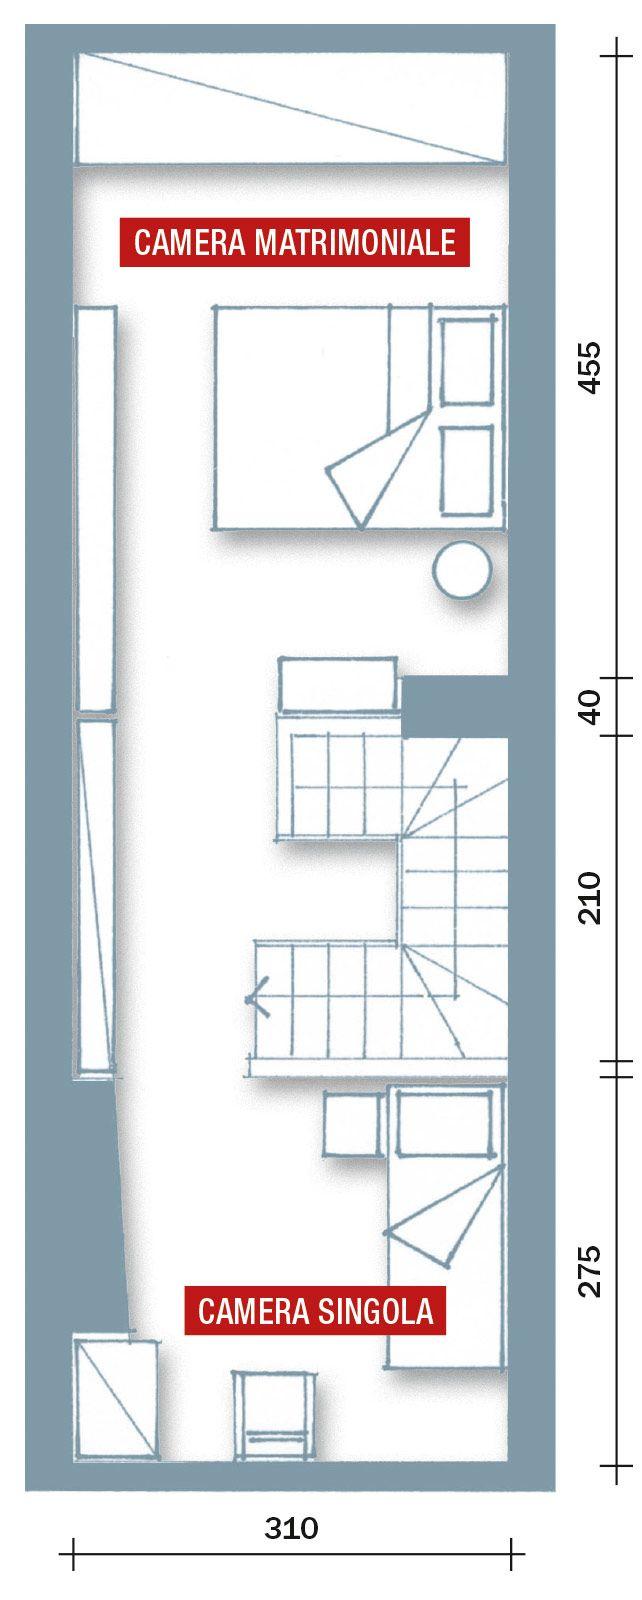 Oltre 25 fantastiche idee su casa stretta su pinterest for Piccoli piani di casa con un sacco di finestre